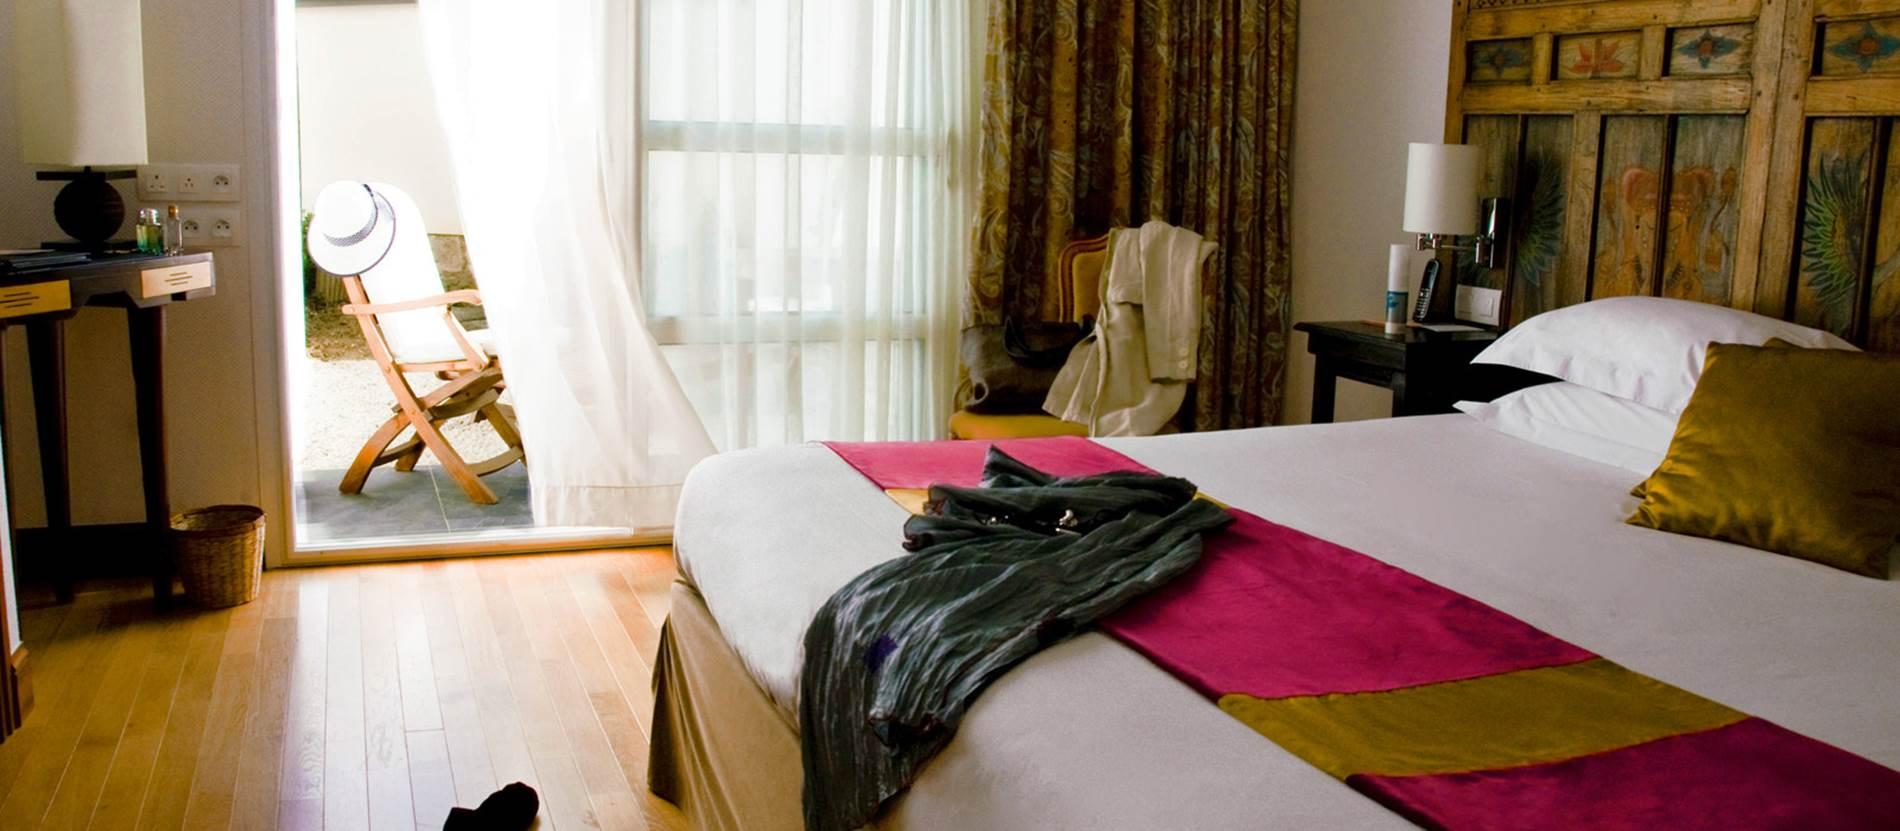 chambre Prestige 25m2 jardin privatif © Hotel Villa Kerasy Hotel Spa -Vannes